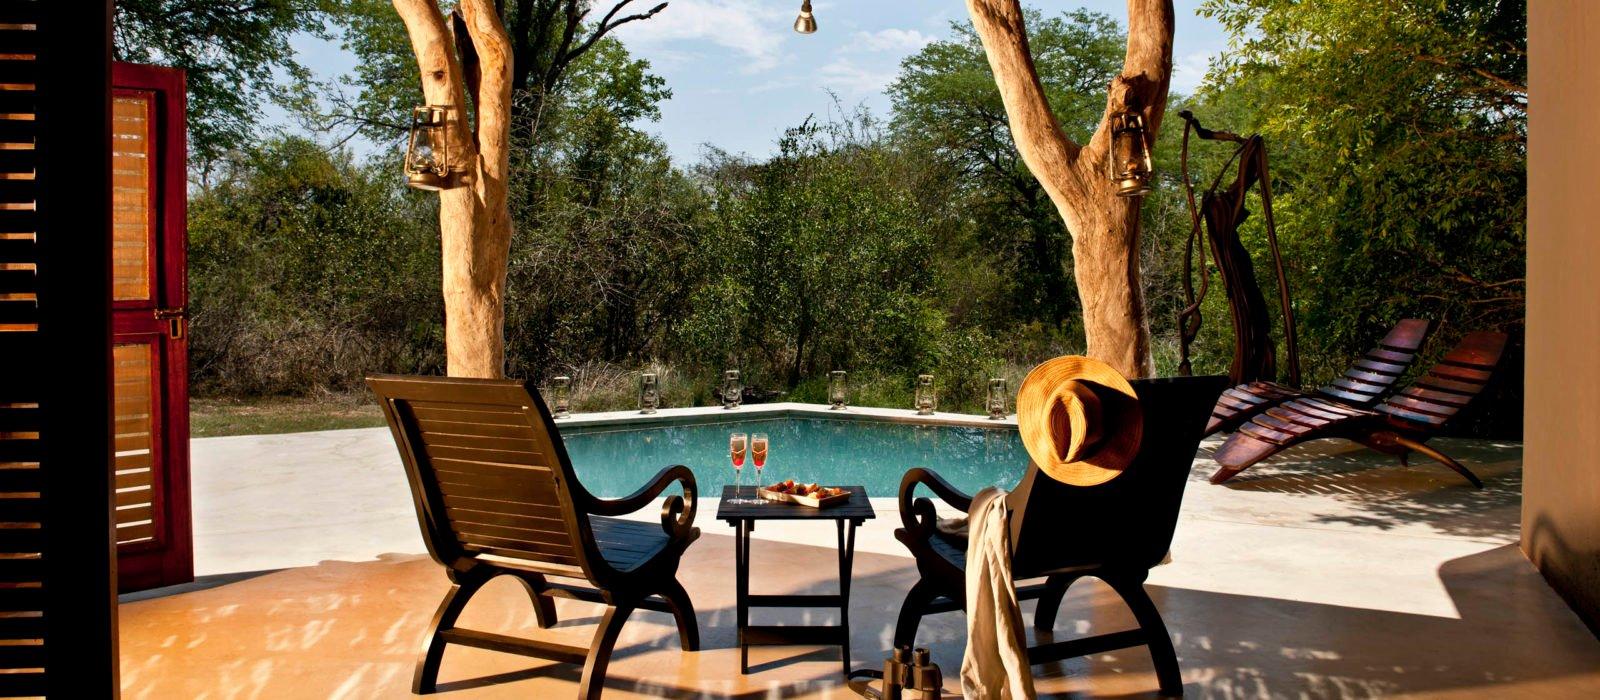 Sabi Sabi Bush Lodge - Mandleve Suite Pool View